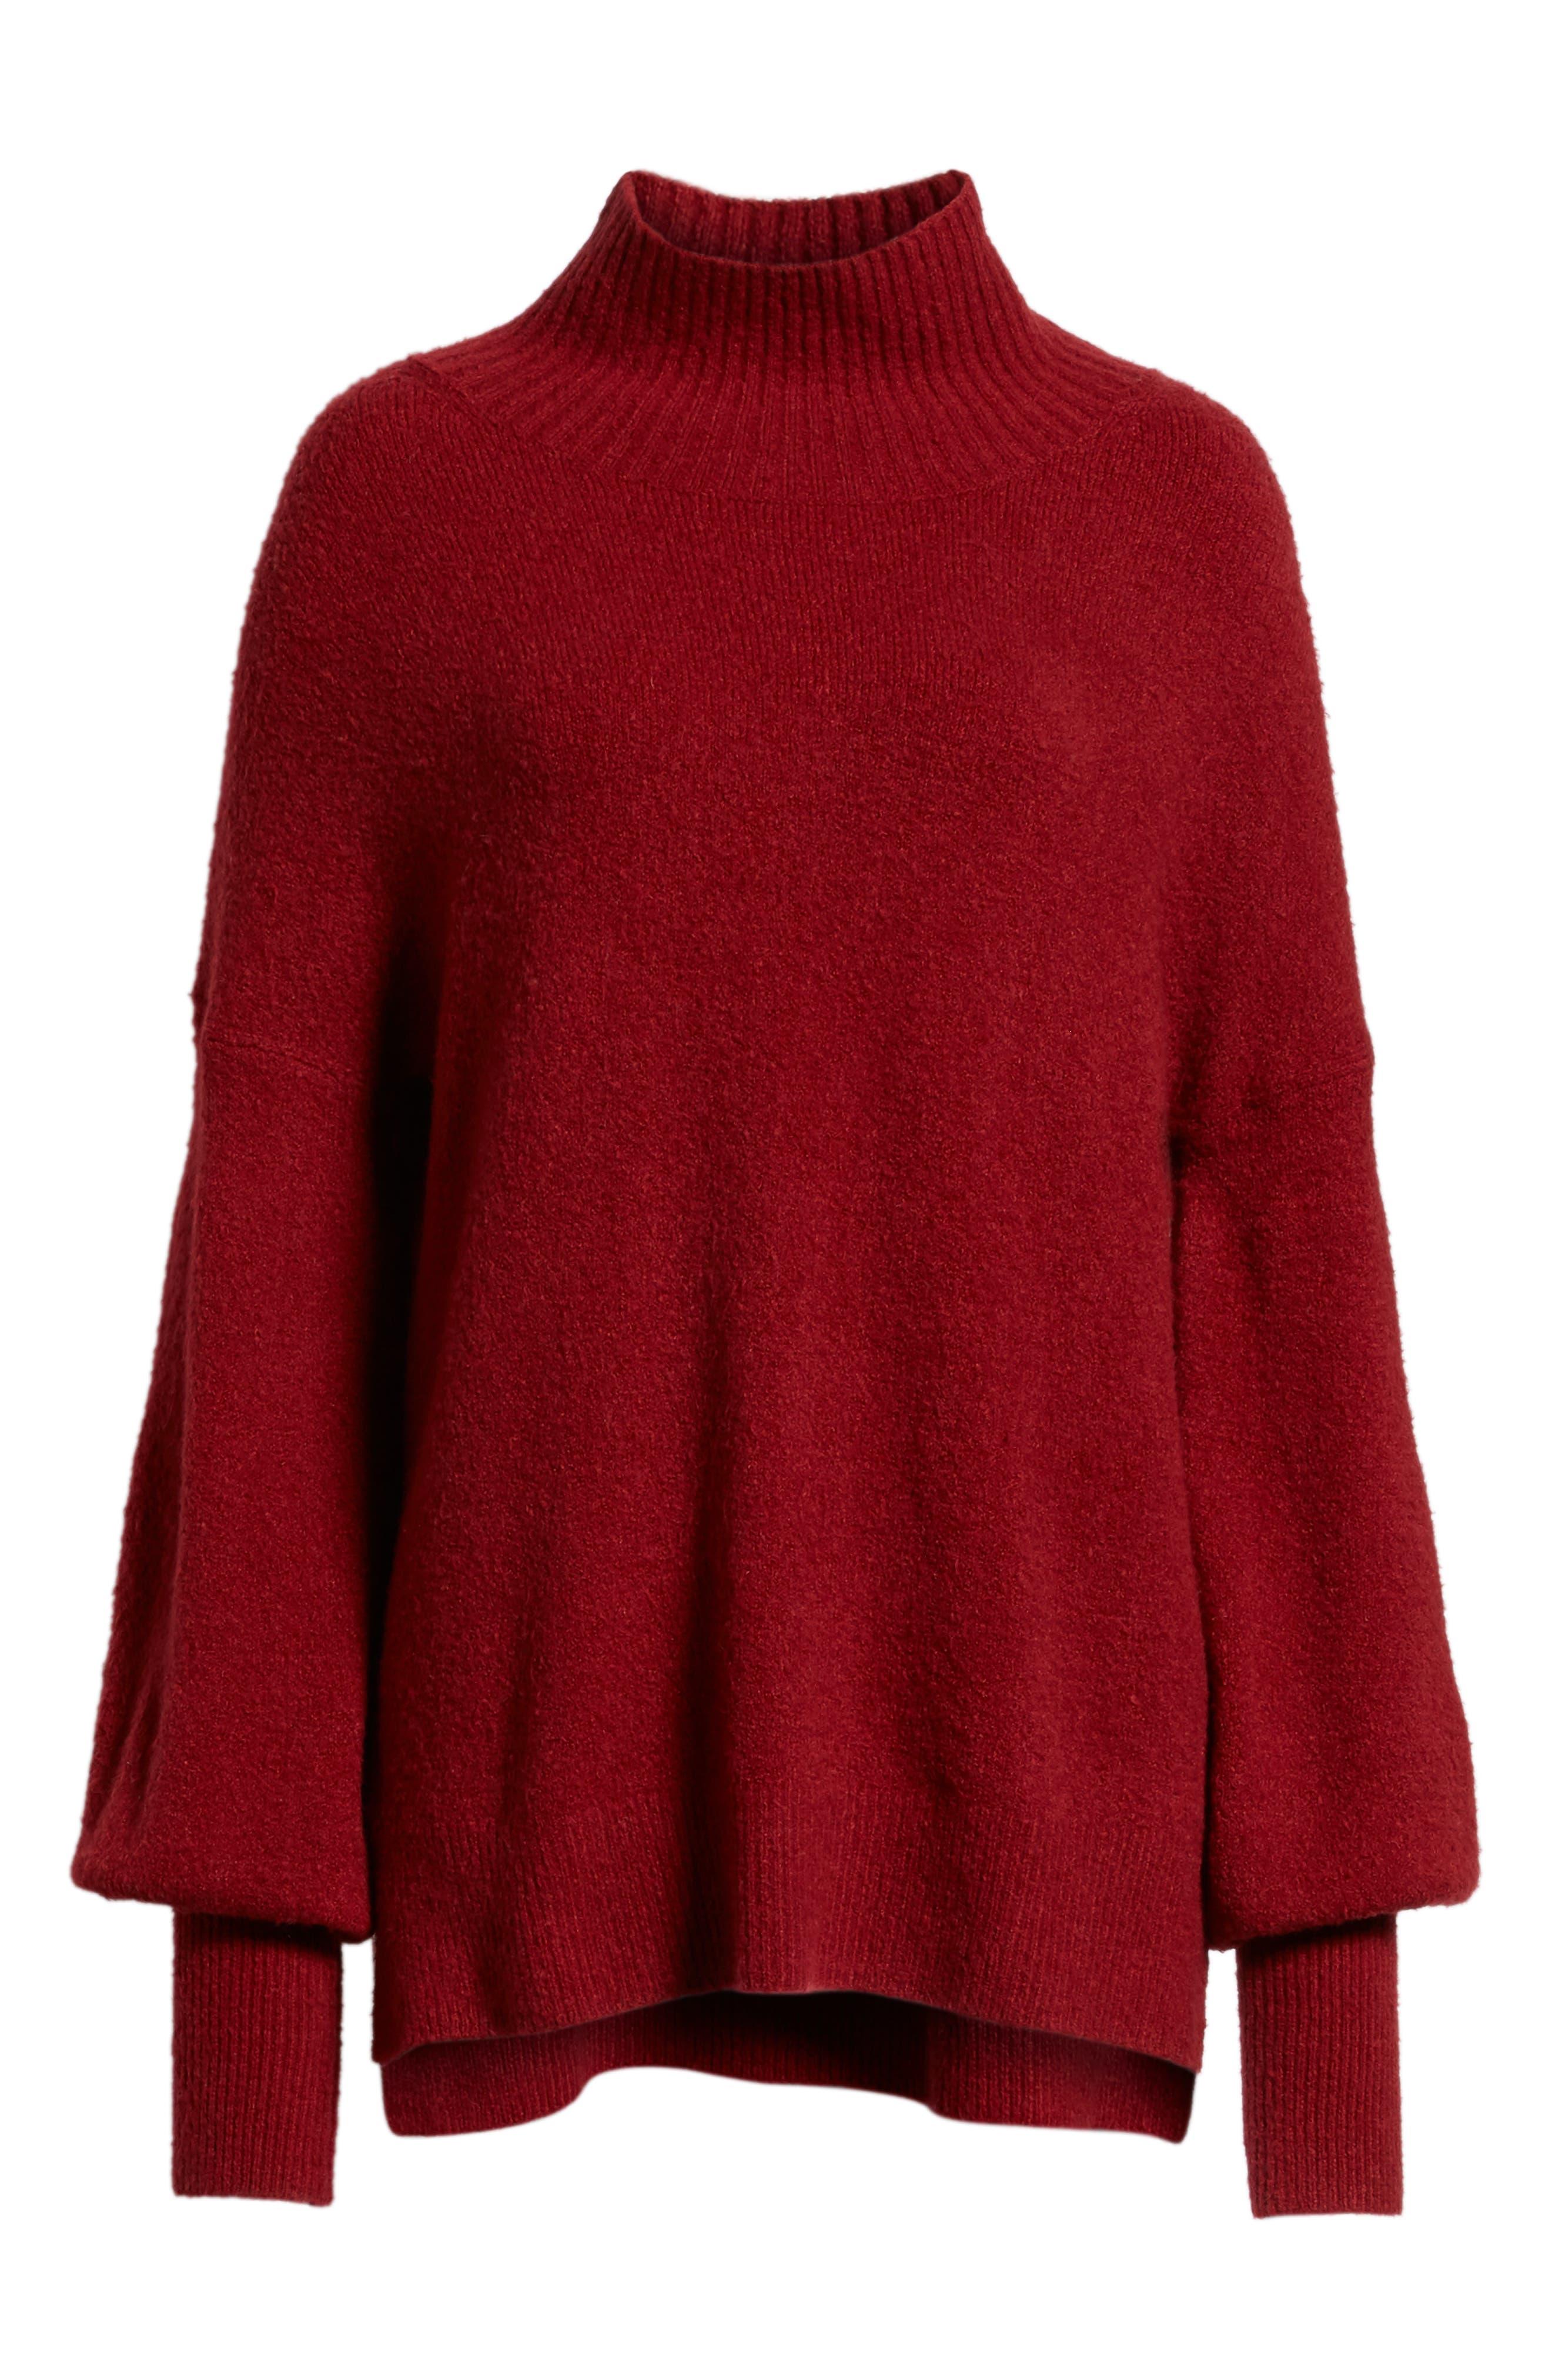 Orla Sweater,                             Alternate thumbnail 6, color,                             DEEP FRAMBOISE